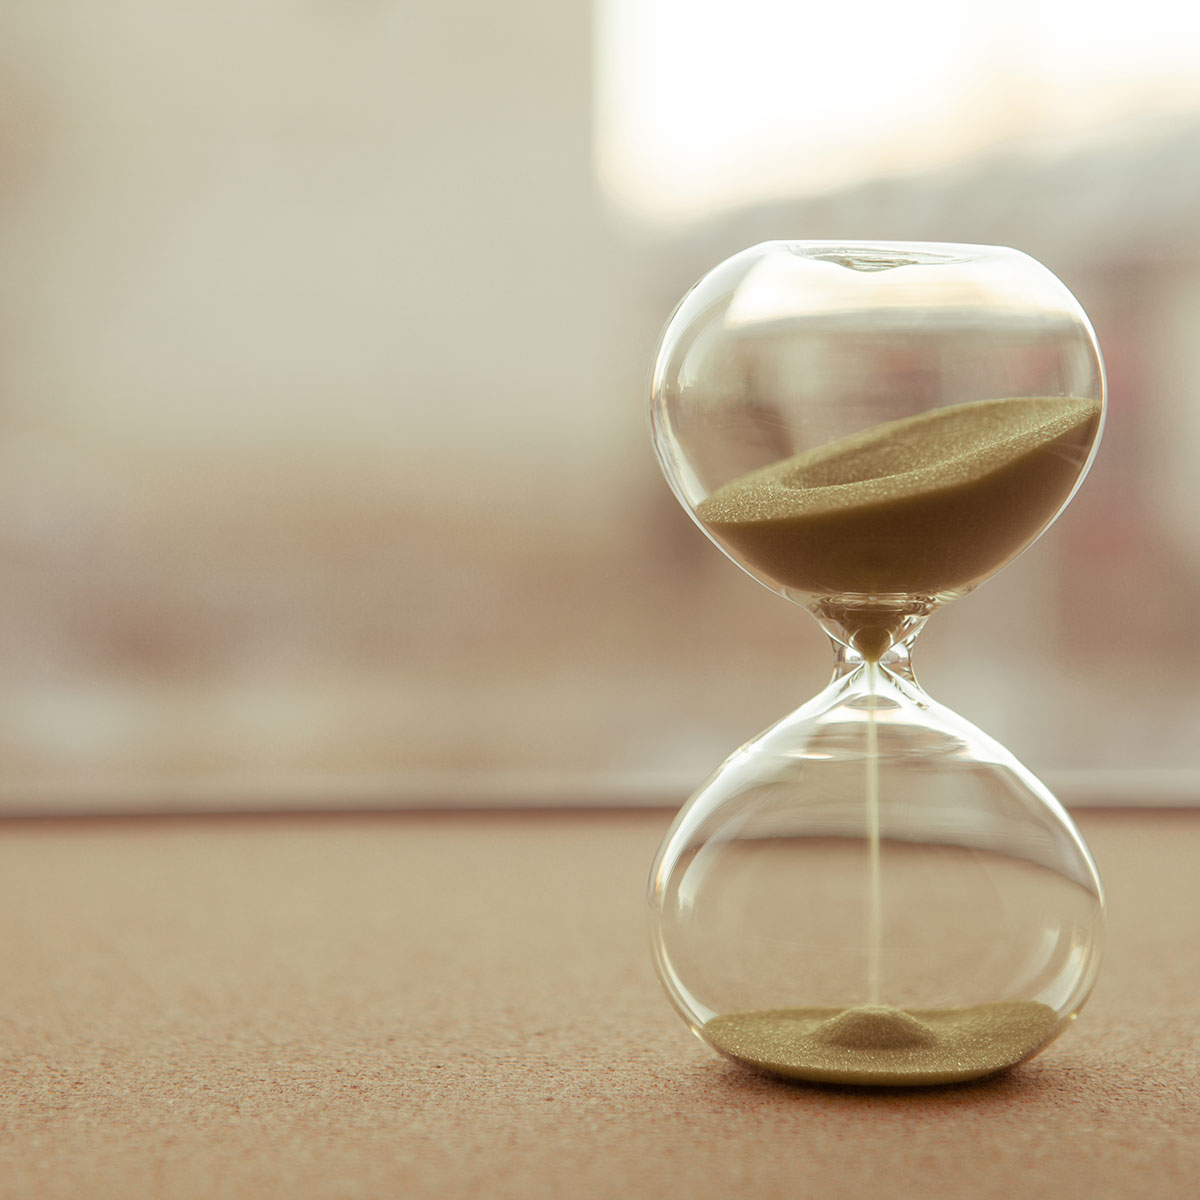 law-suit-time-limits